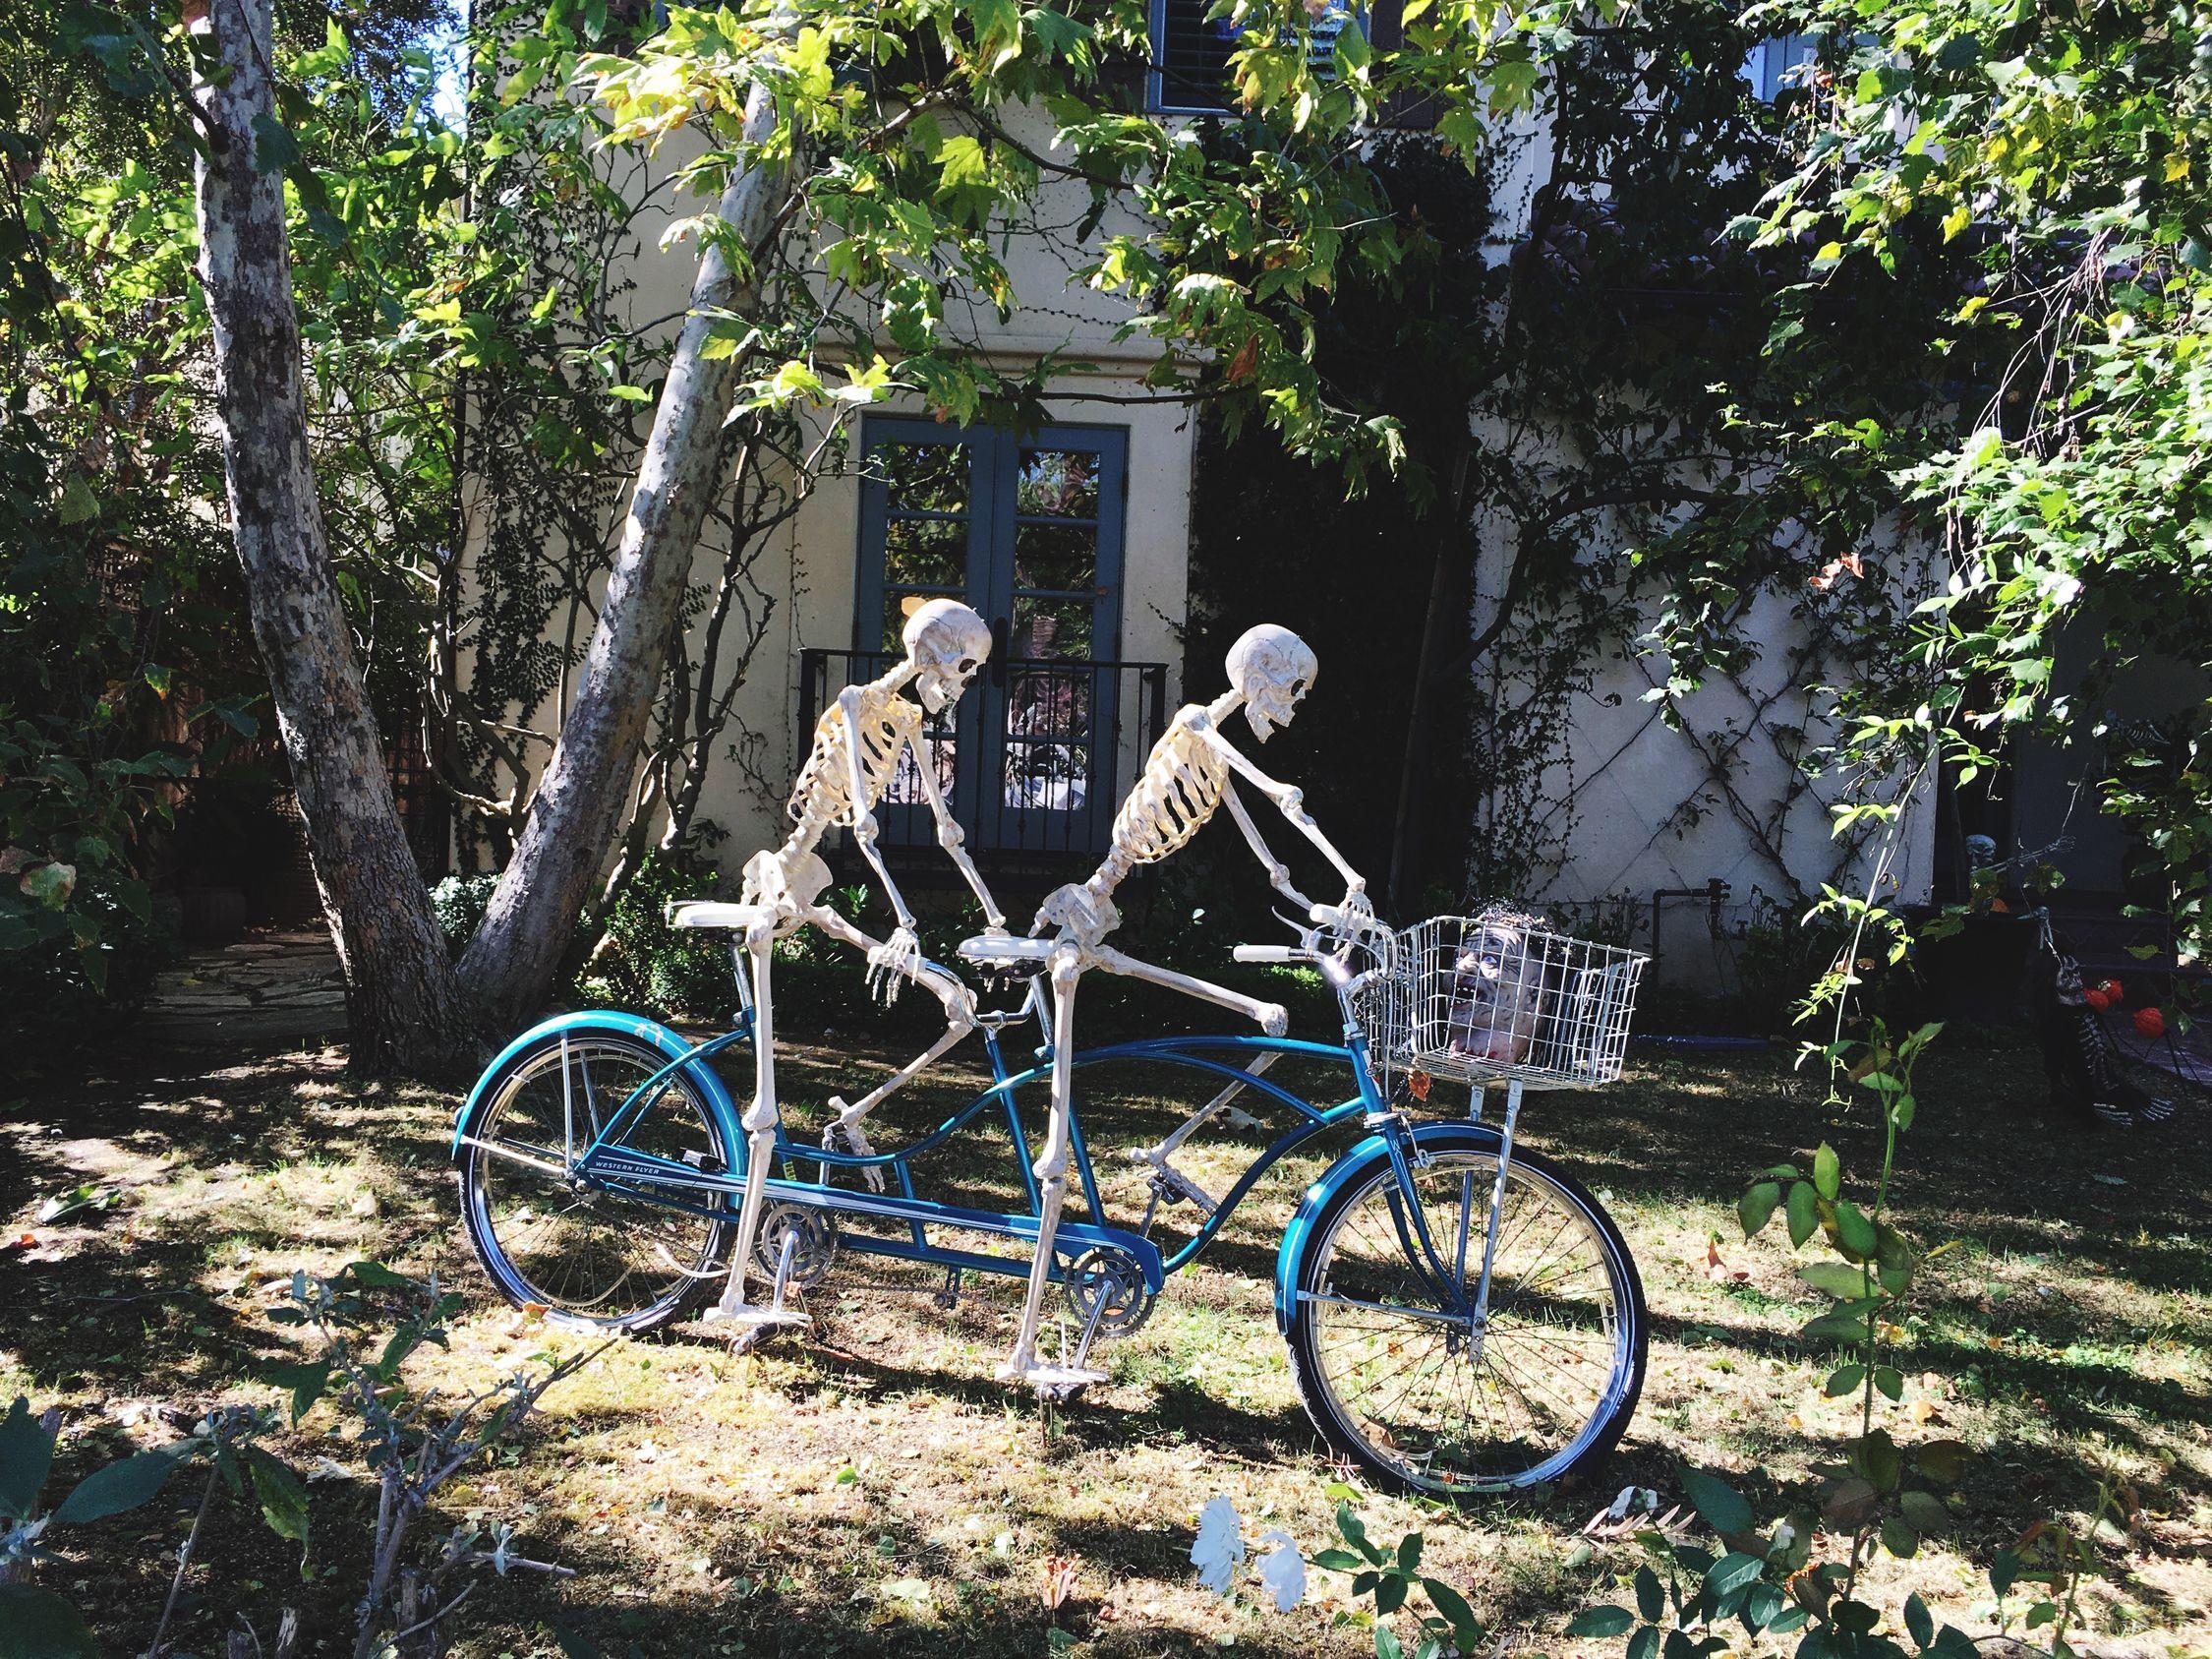 Off We Go! On Your Bike Tandem Skeletons Halloween Fun Happy Halloween!